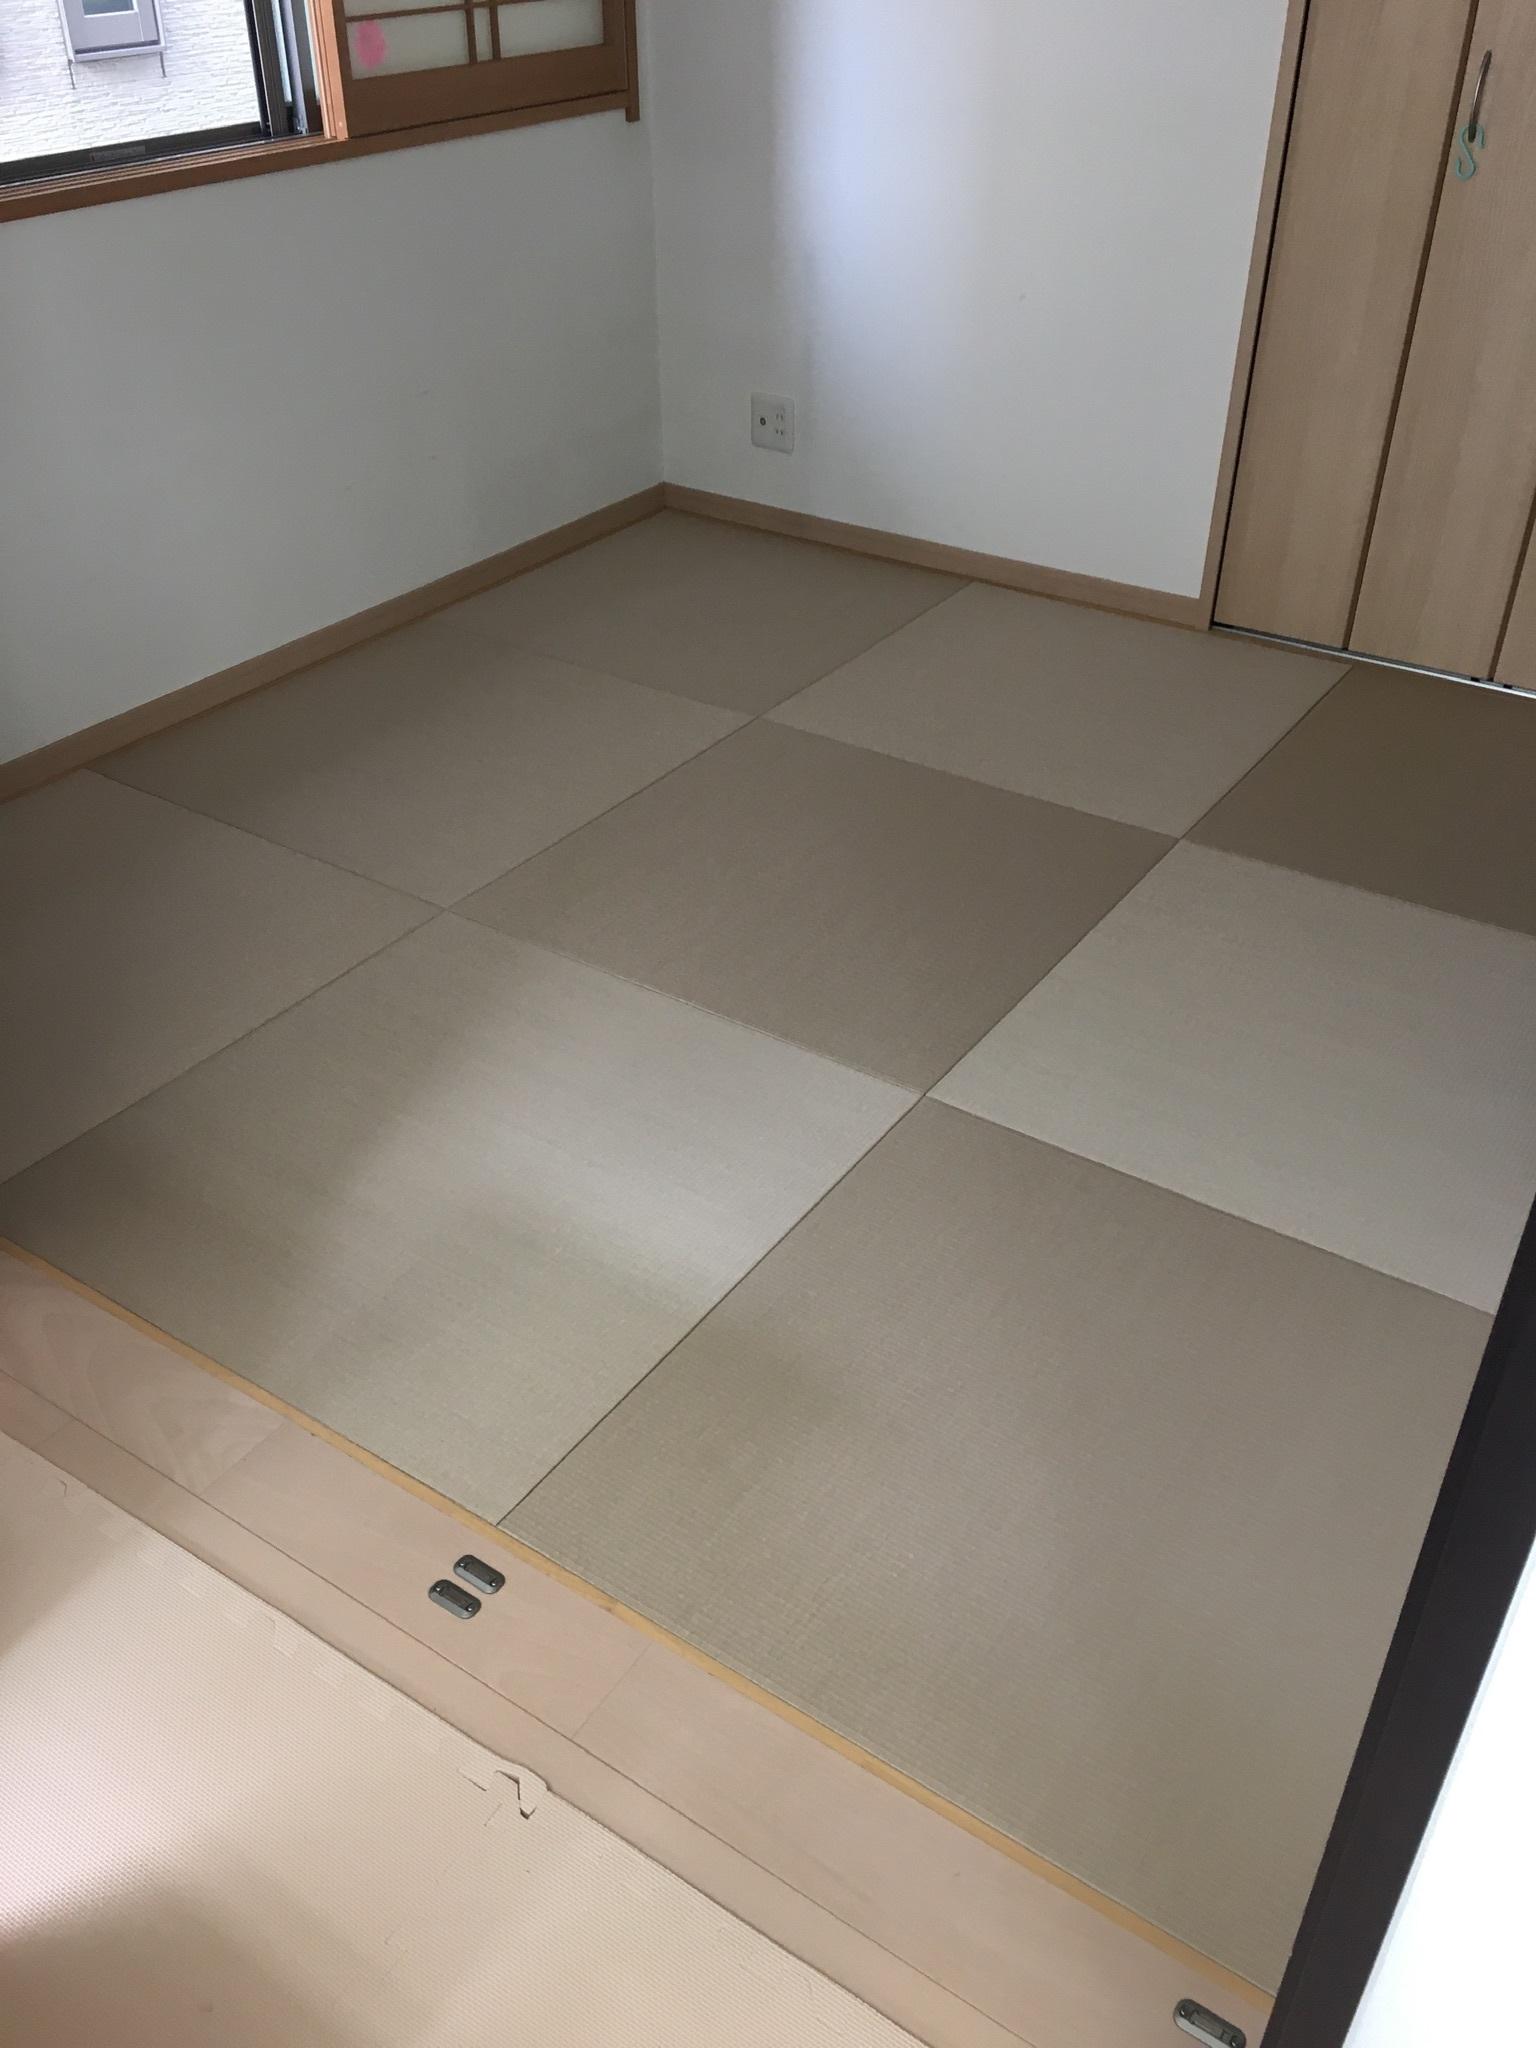 【船橋市海神】44%off琉球畳キャンペーンの施工例&日記